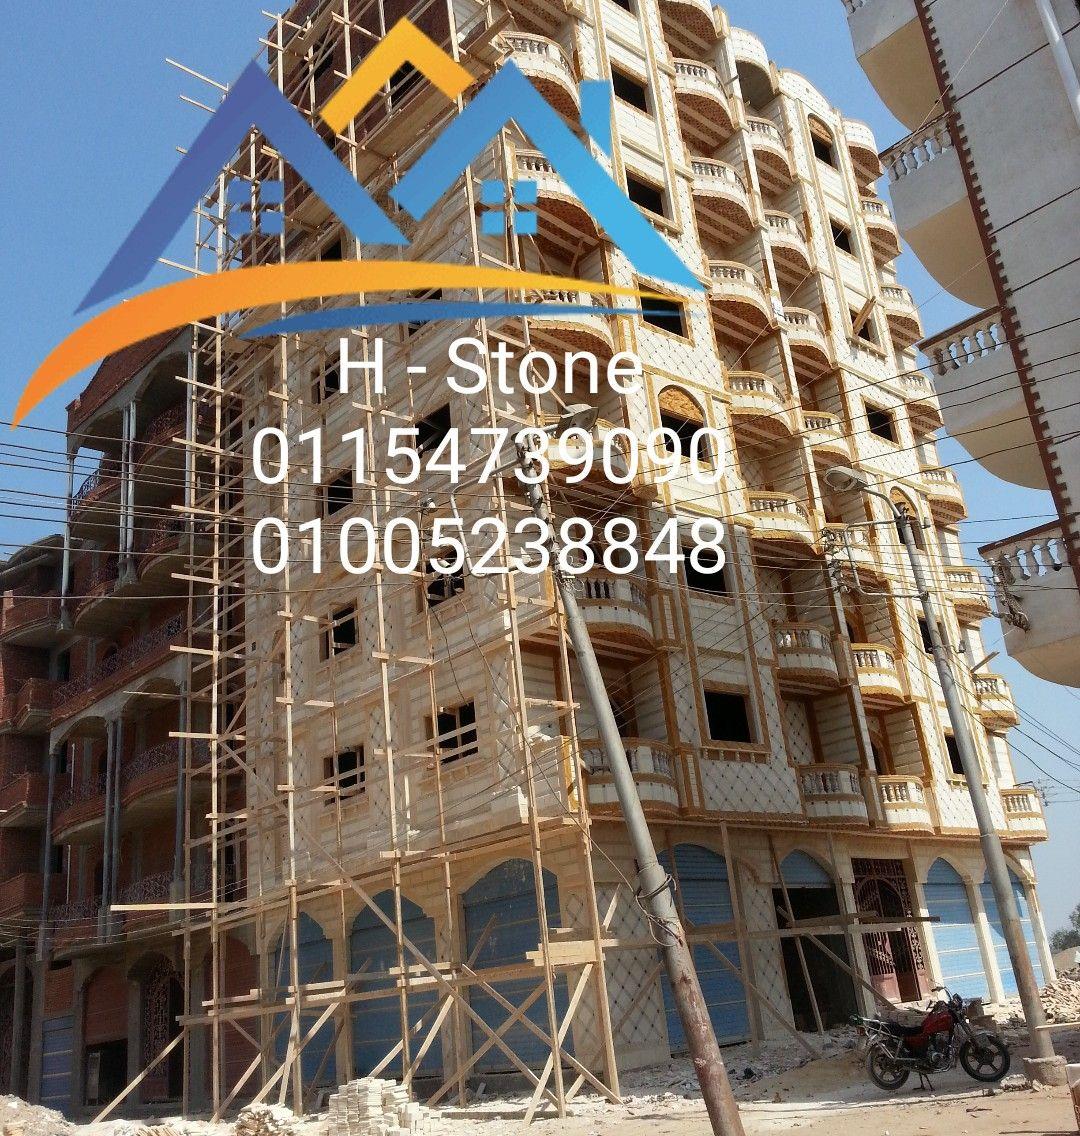 حجر هاشمي كريمي وش جبل House Styles Exterior Houses ارخص 01154739090 House Styles Stone House House Exterior